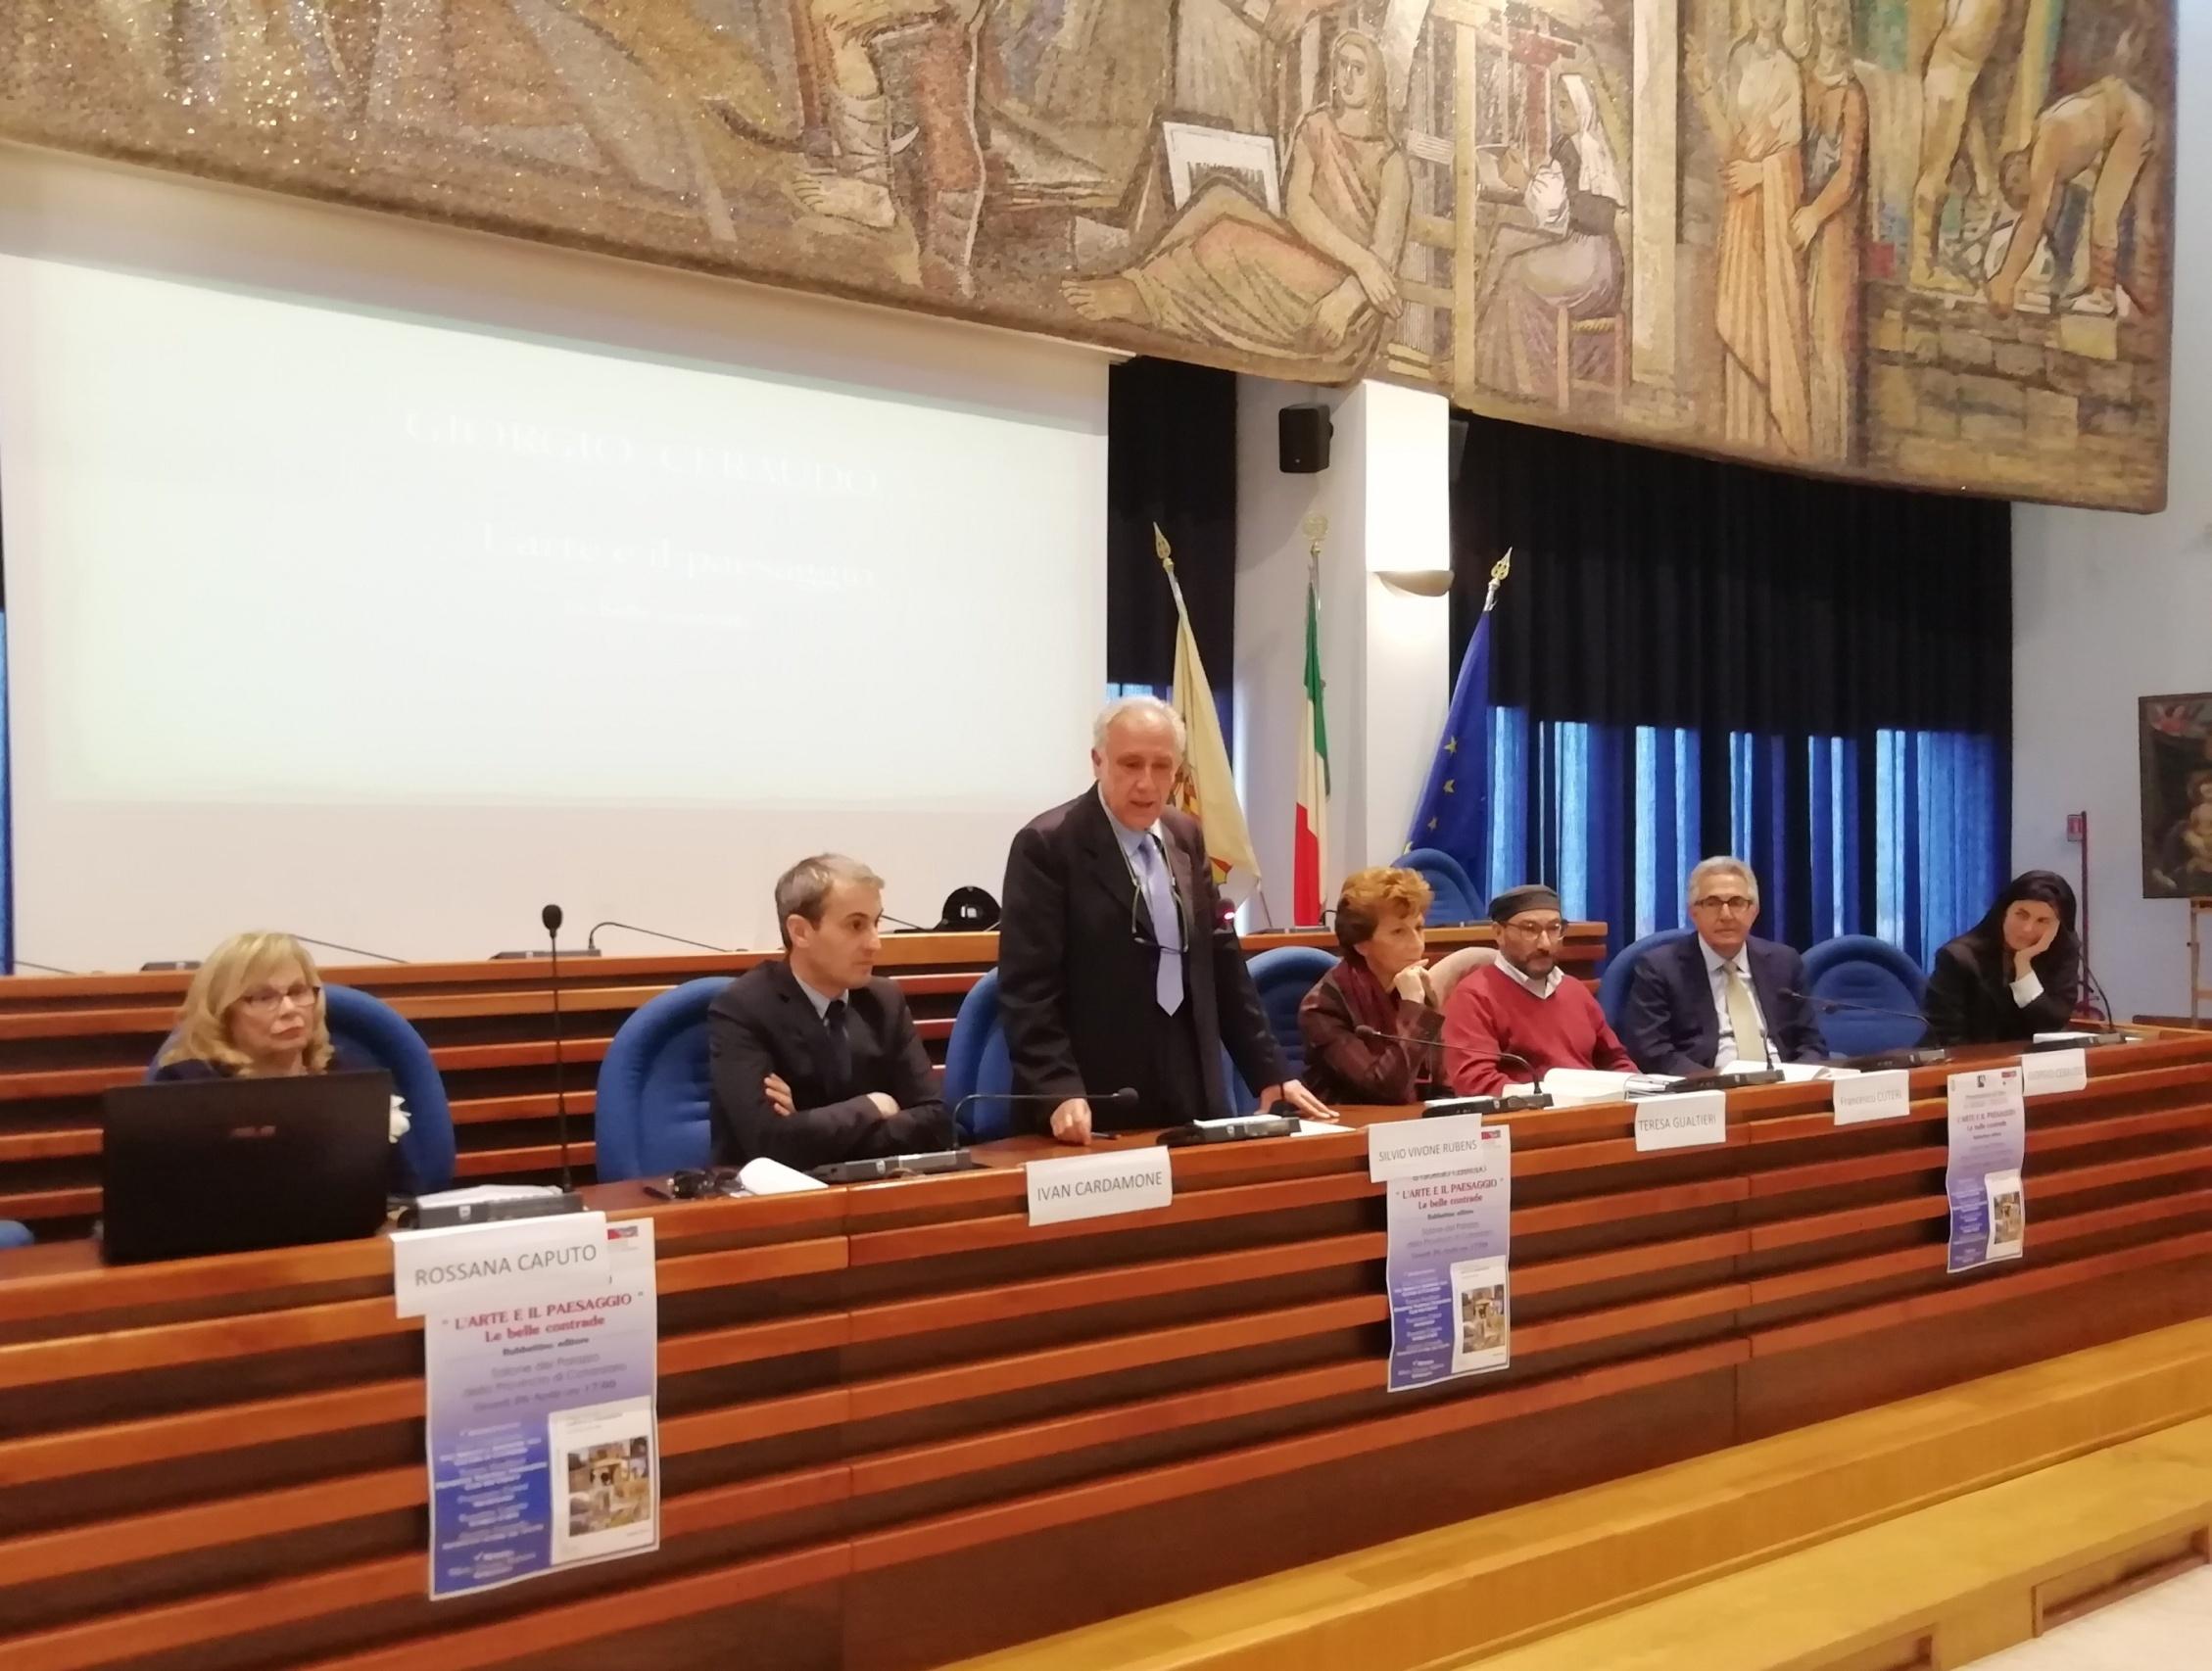 """Catanzaro, palazzo della Provincia: """"L'ARTE E IL PAESAGGIO- Le belle contrade"""" Sala consiliare """"Aldo Ferrara"""""""